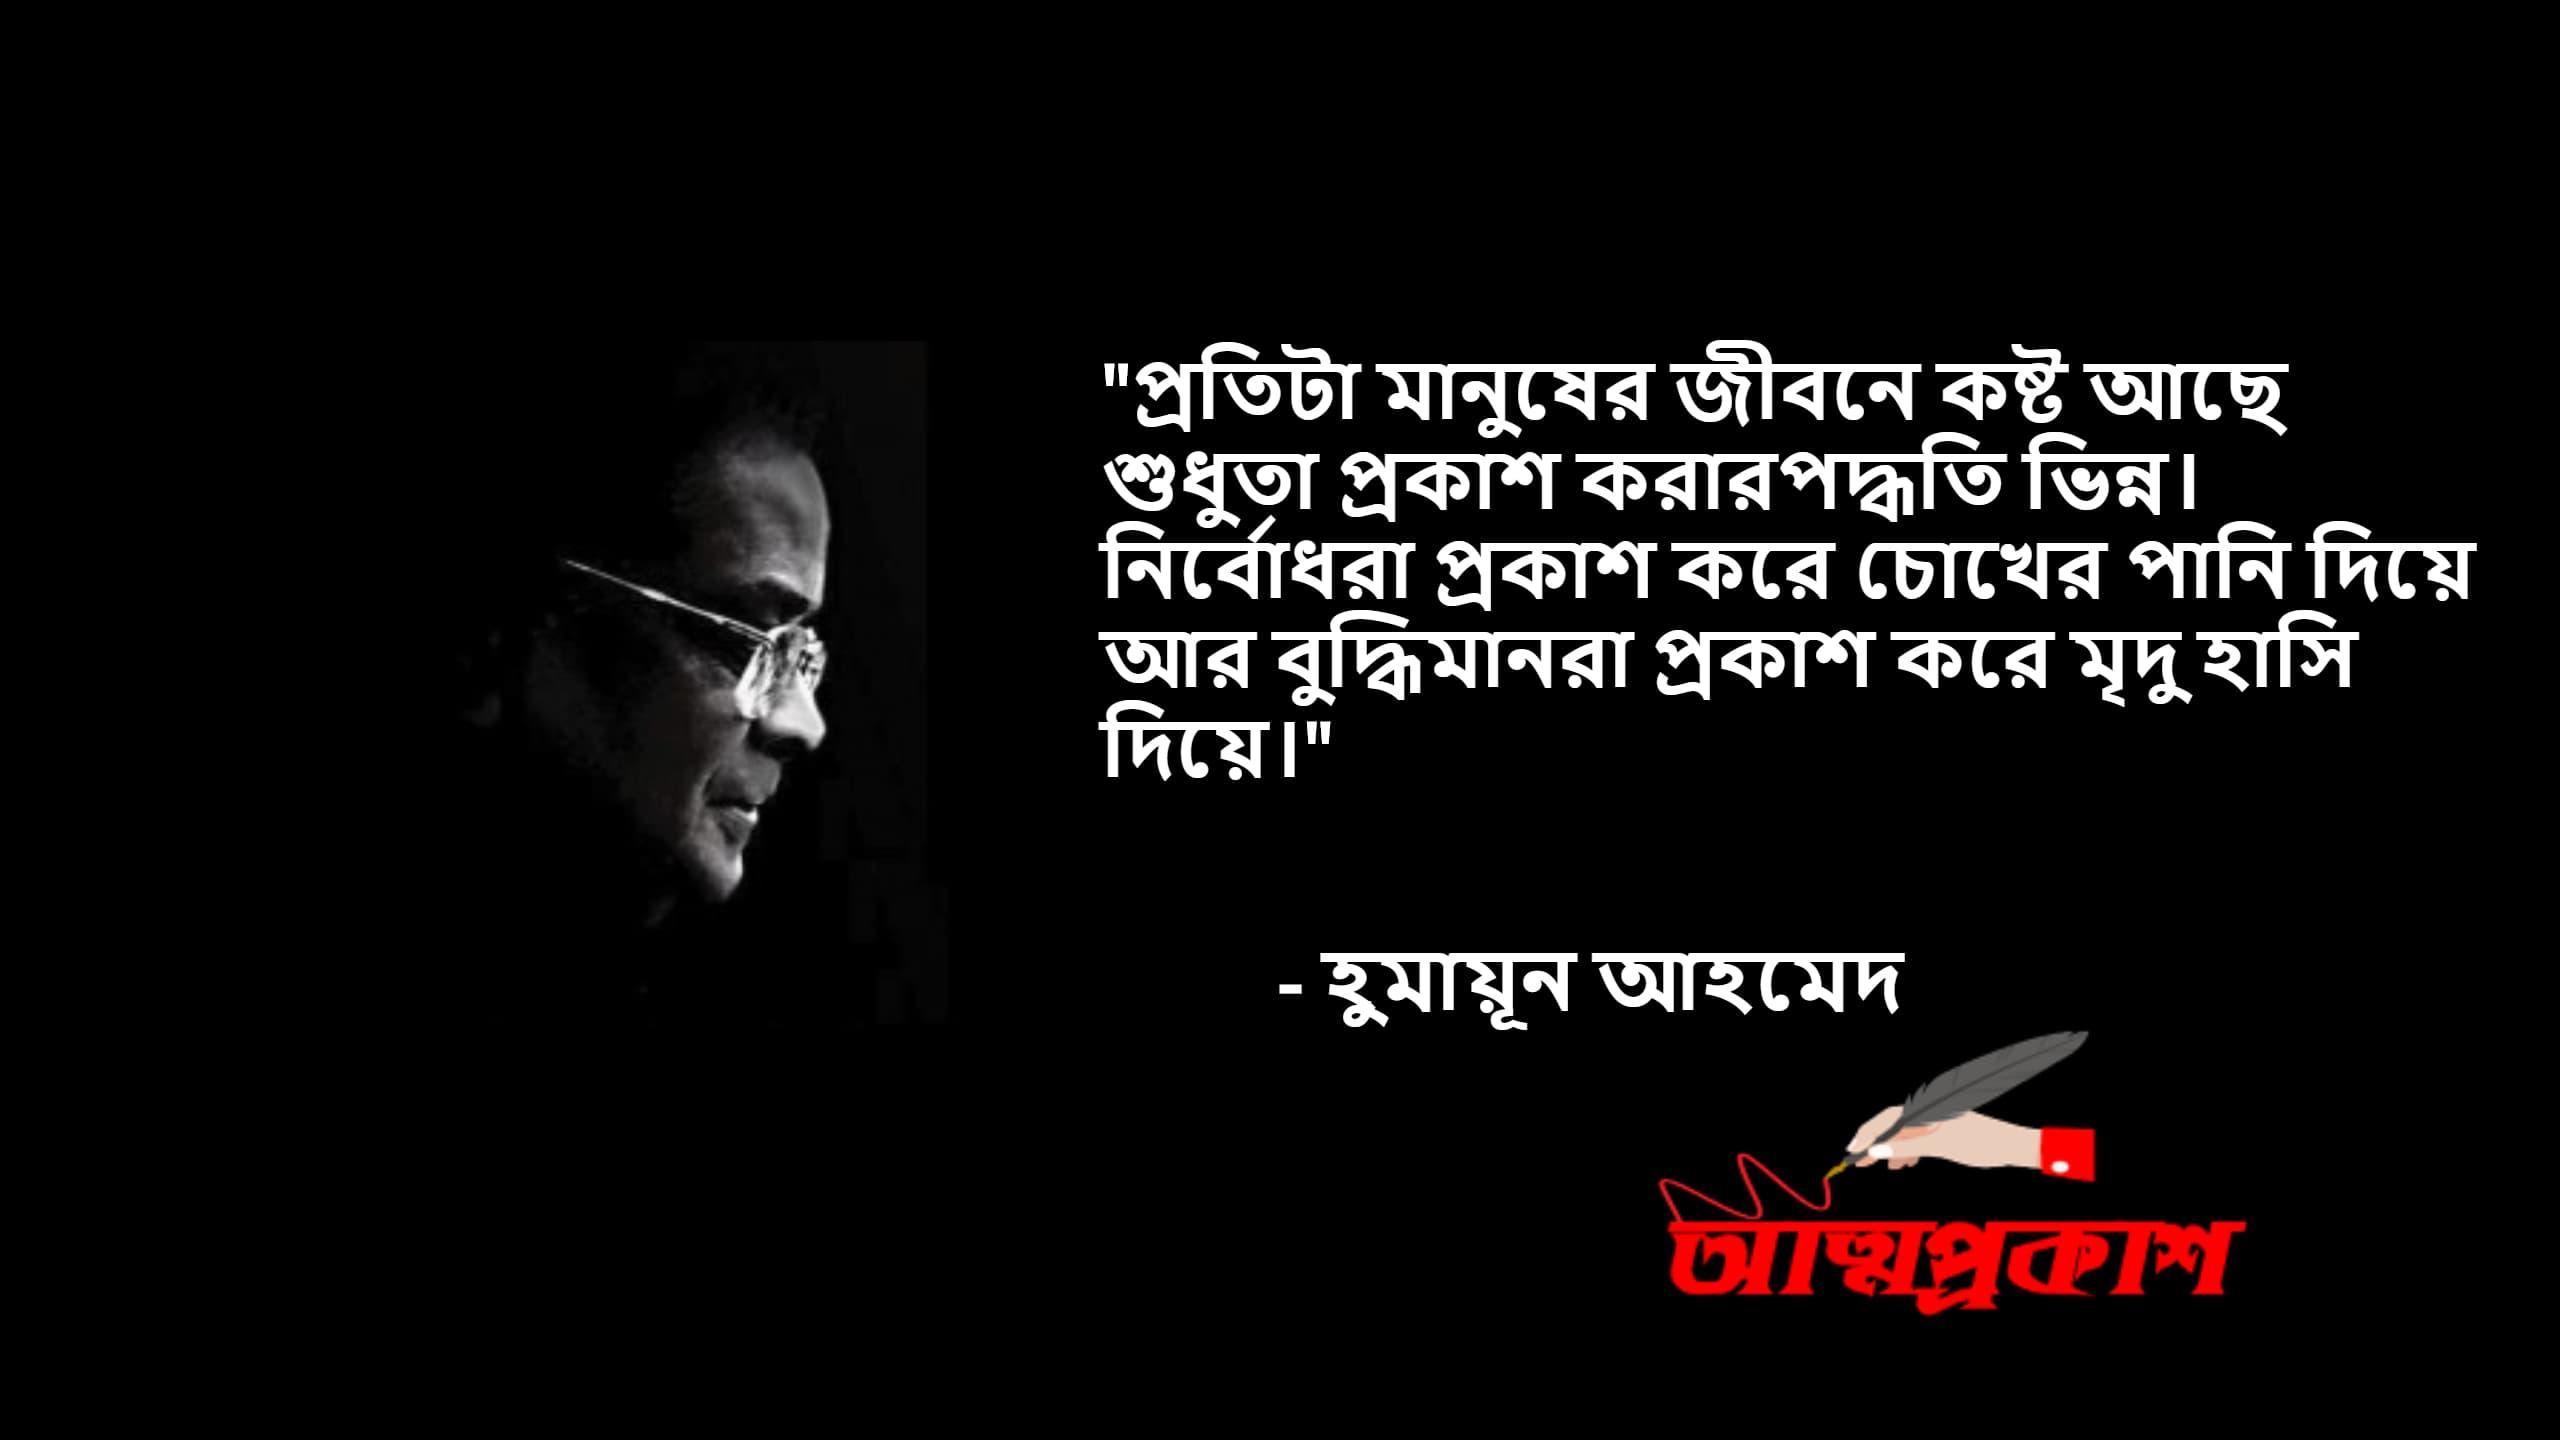 জীবন-দর্শন-নিয়ে-হুমায়ূন-আহমেদের-উক্তি-humayun-ahmed-quotes-about-love4-bangla-bani